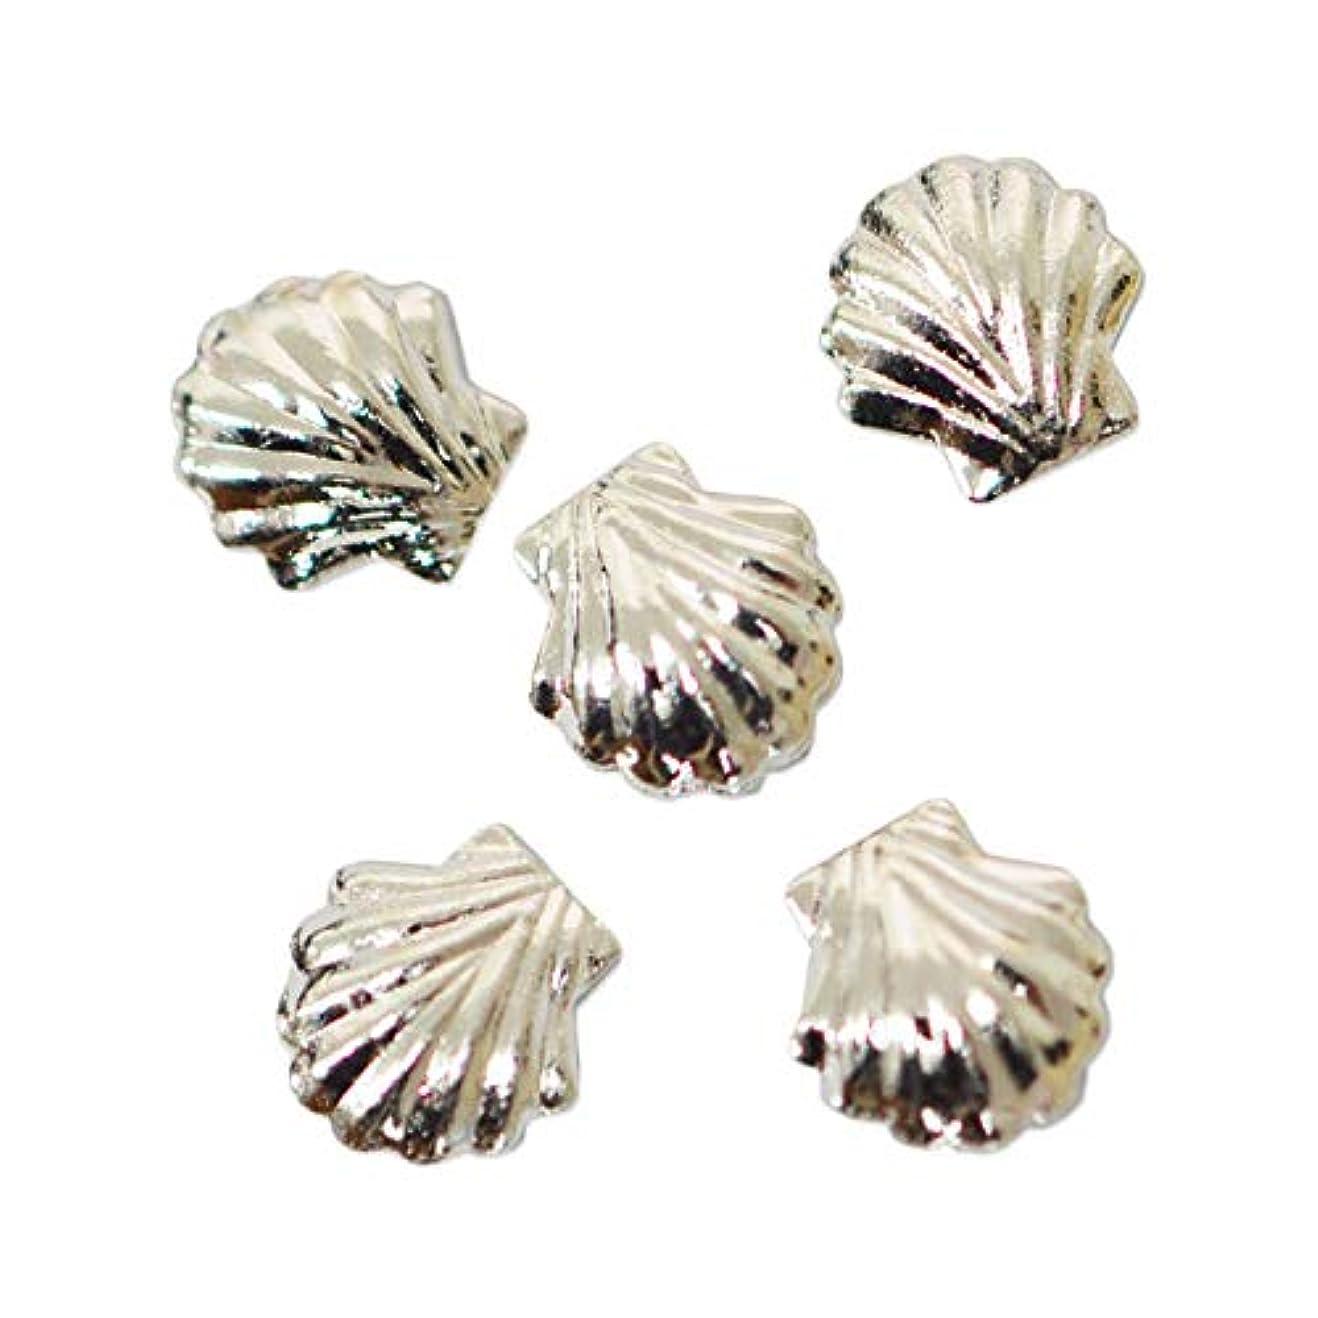 反対した災害ブラウザメタルパーツ シェル シルバー 5ミリ 20粒 ネイルパーツ 貝殻 メタルシェル シェルメタルsilver